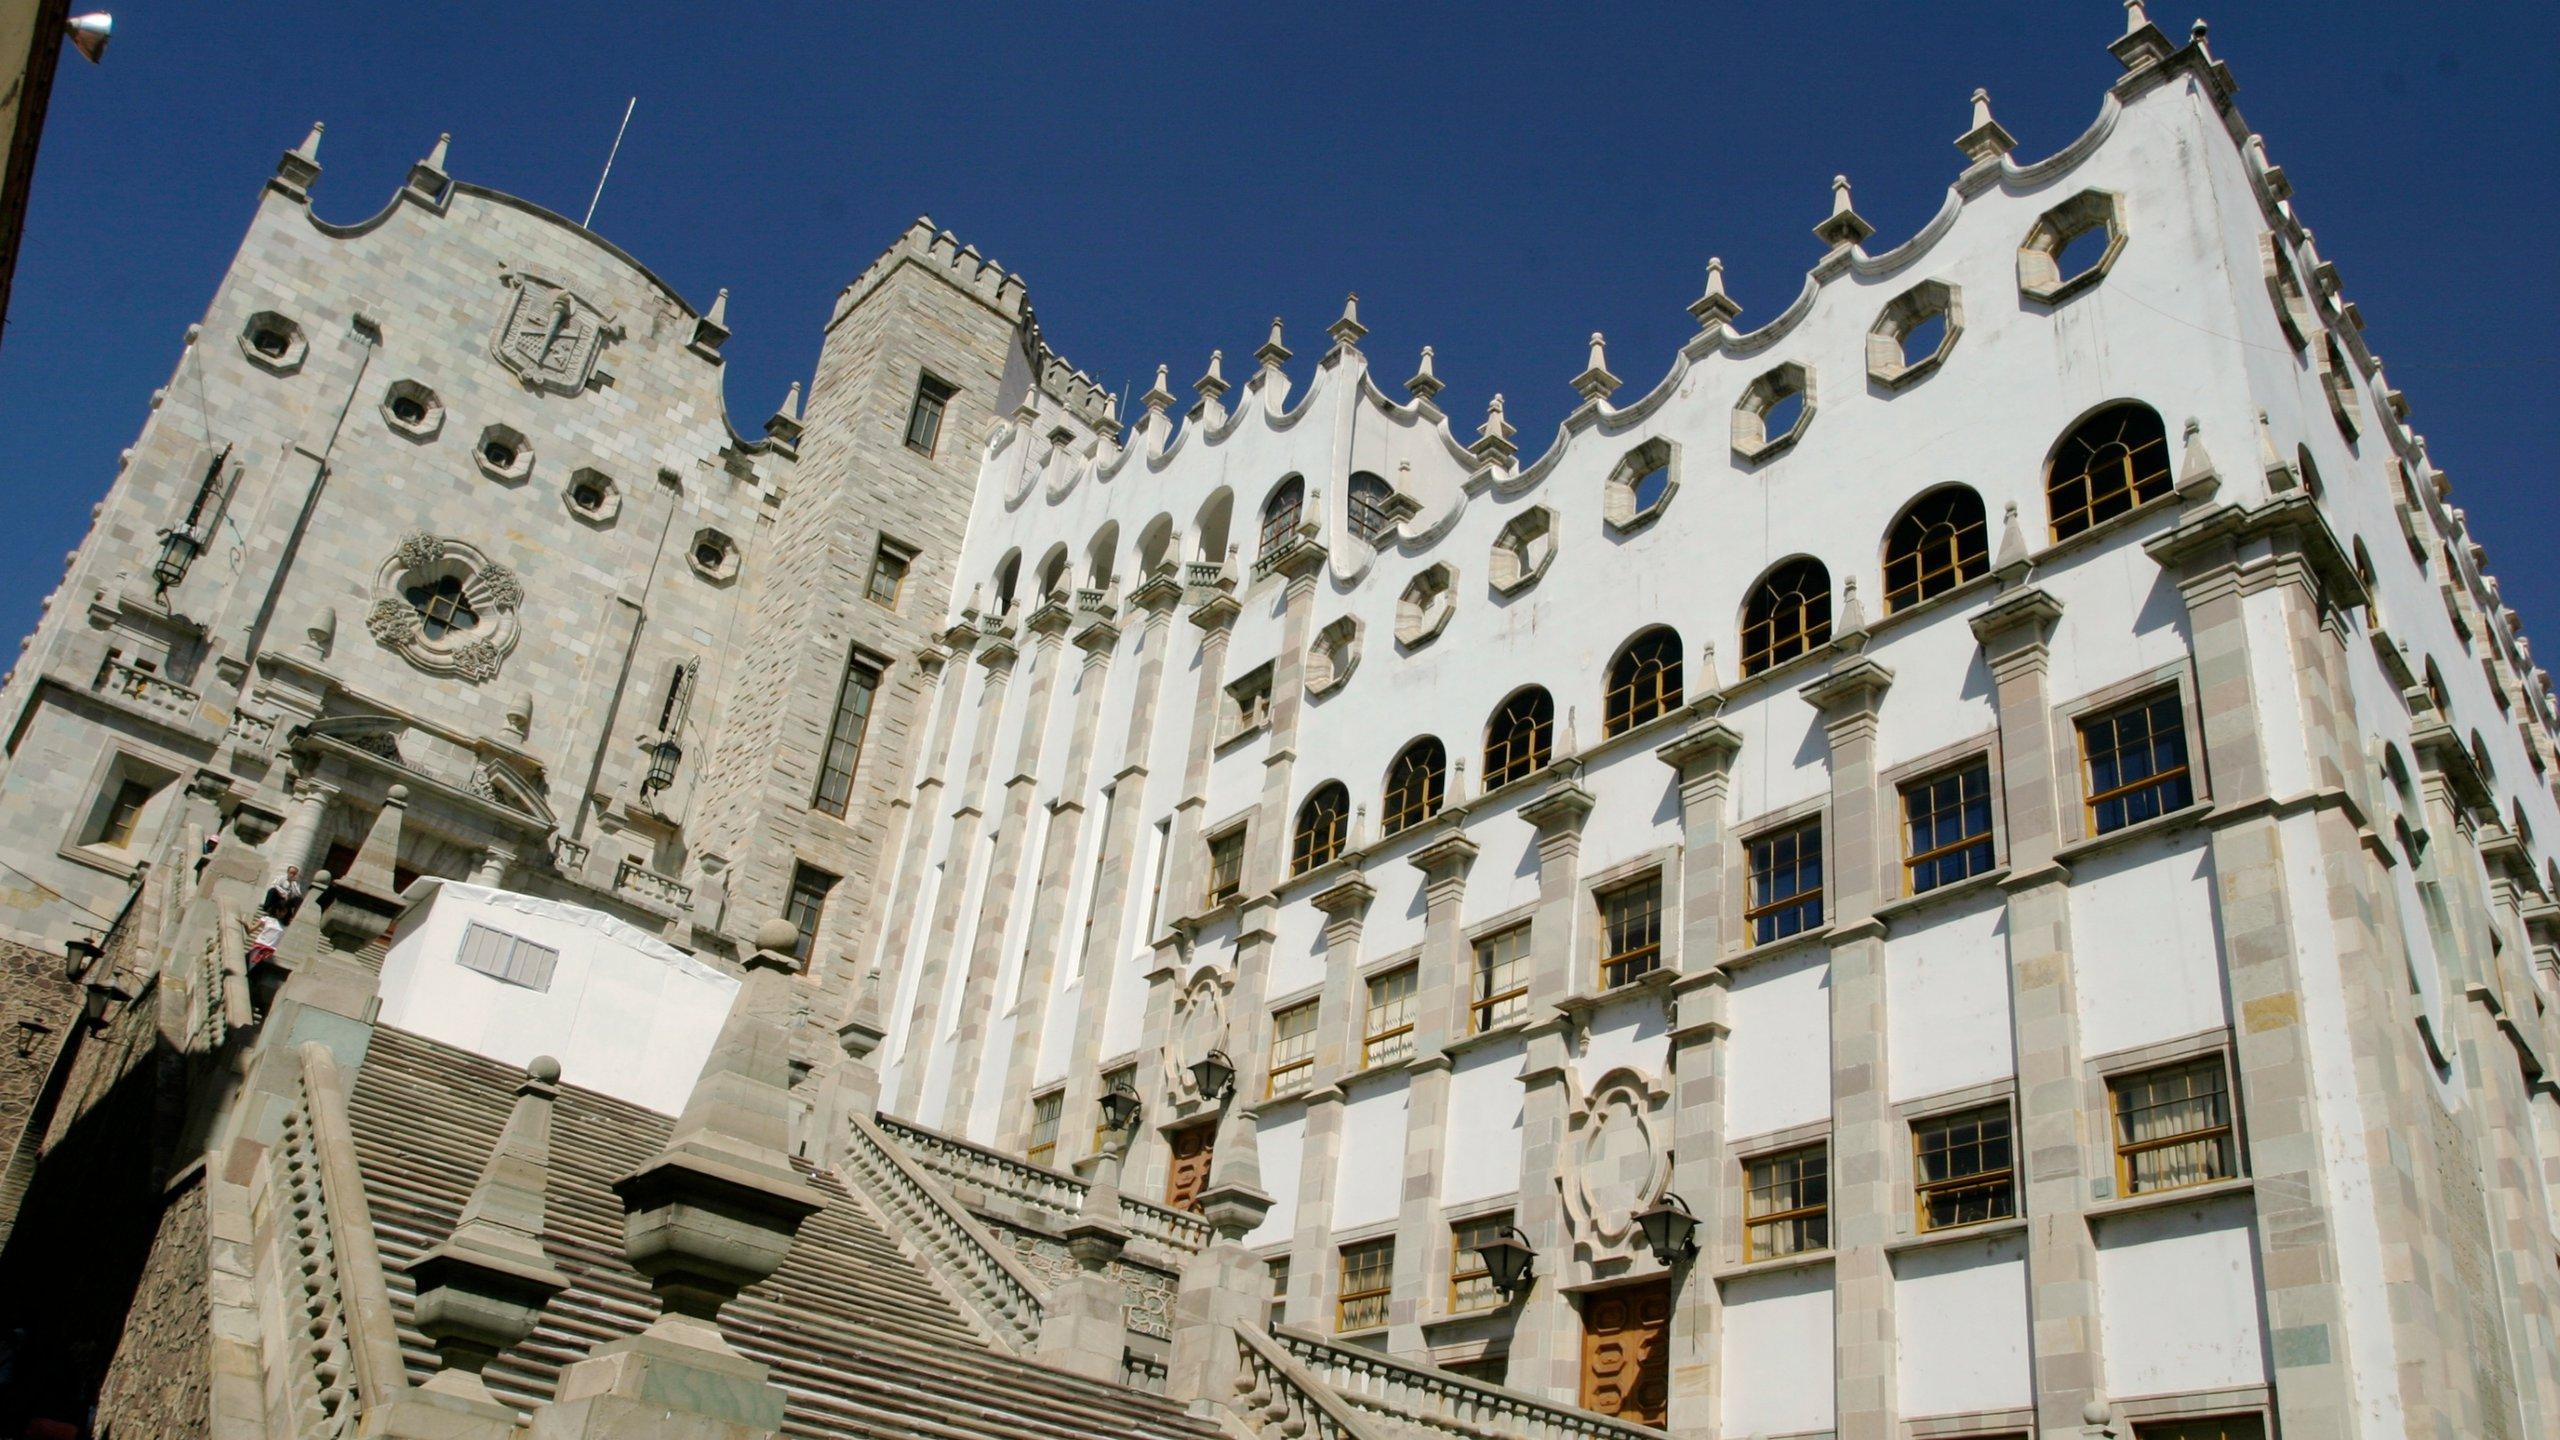 Zona Centro, Guanajuato, Guanajuato, Mexico